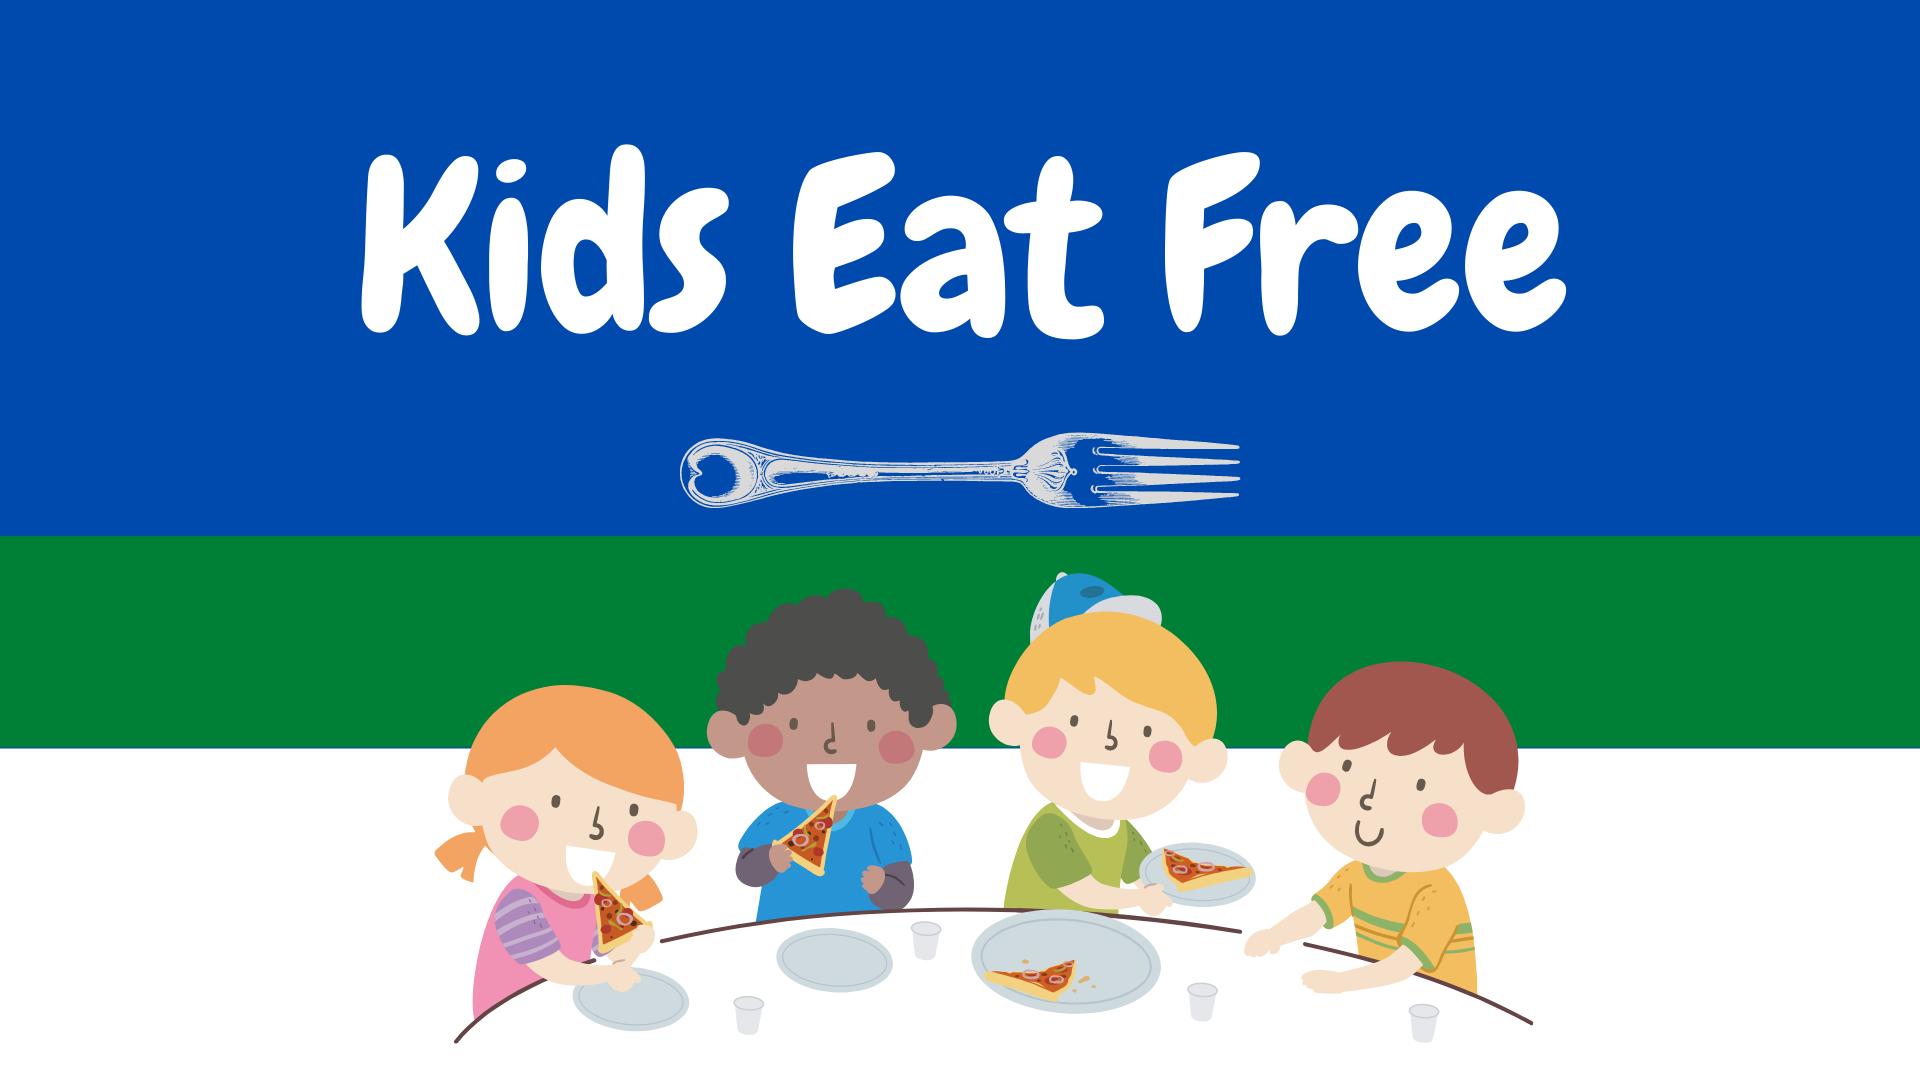 Kids Eat Free is Back!